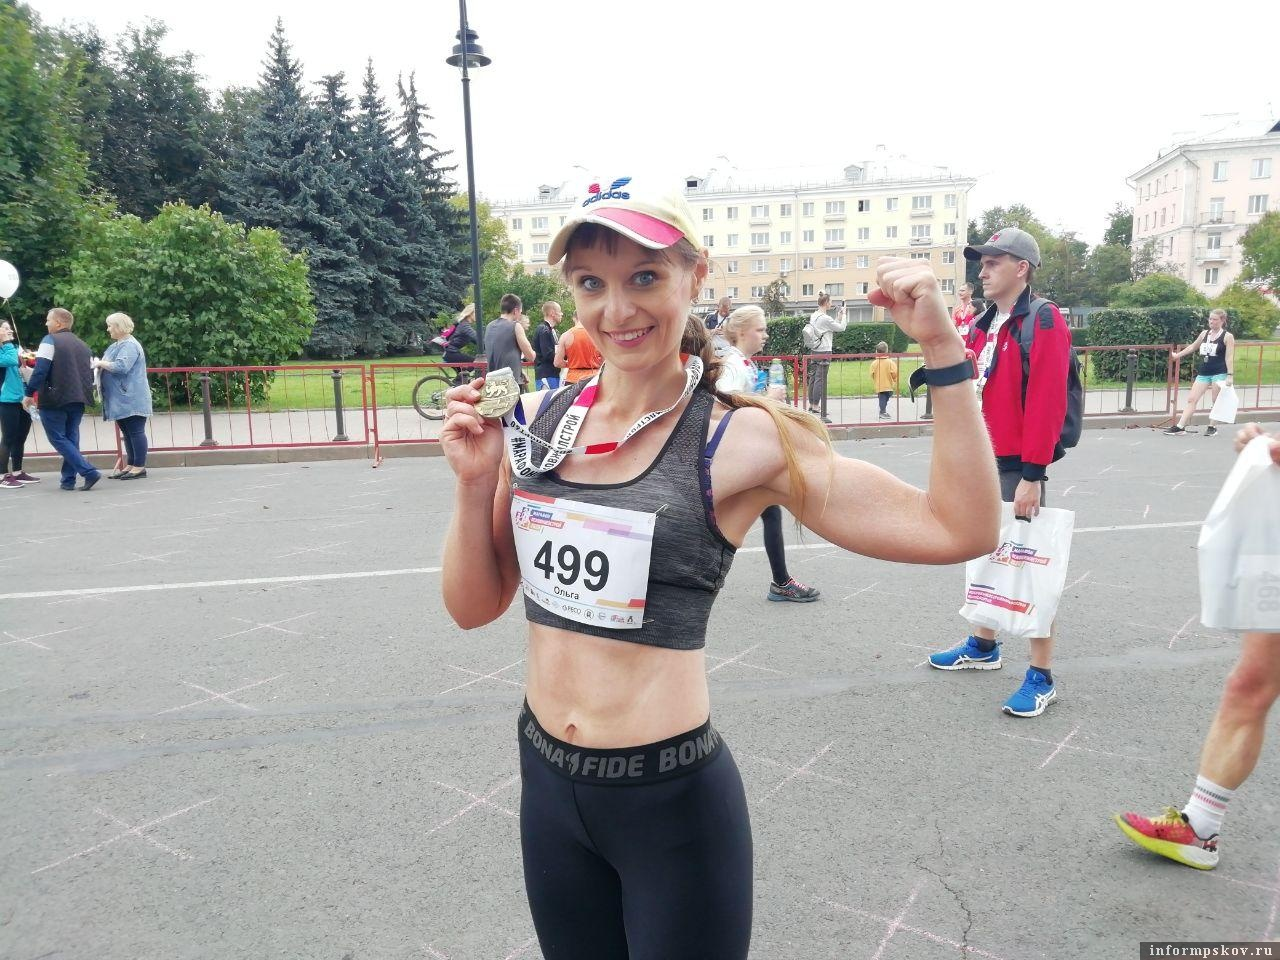 Ольга Лебедева. Фото ПАИ